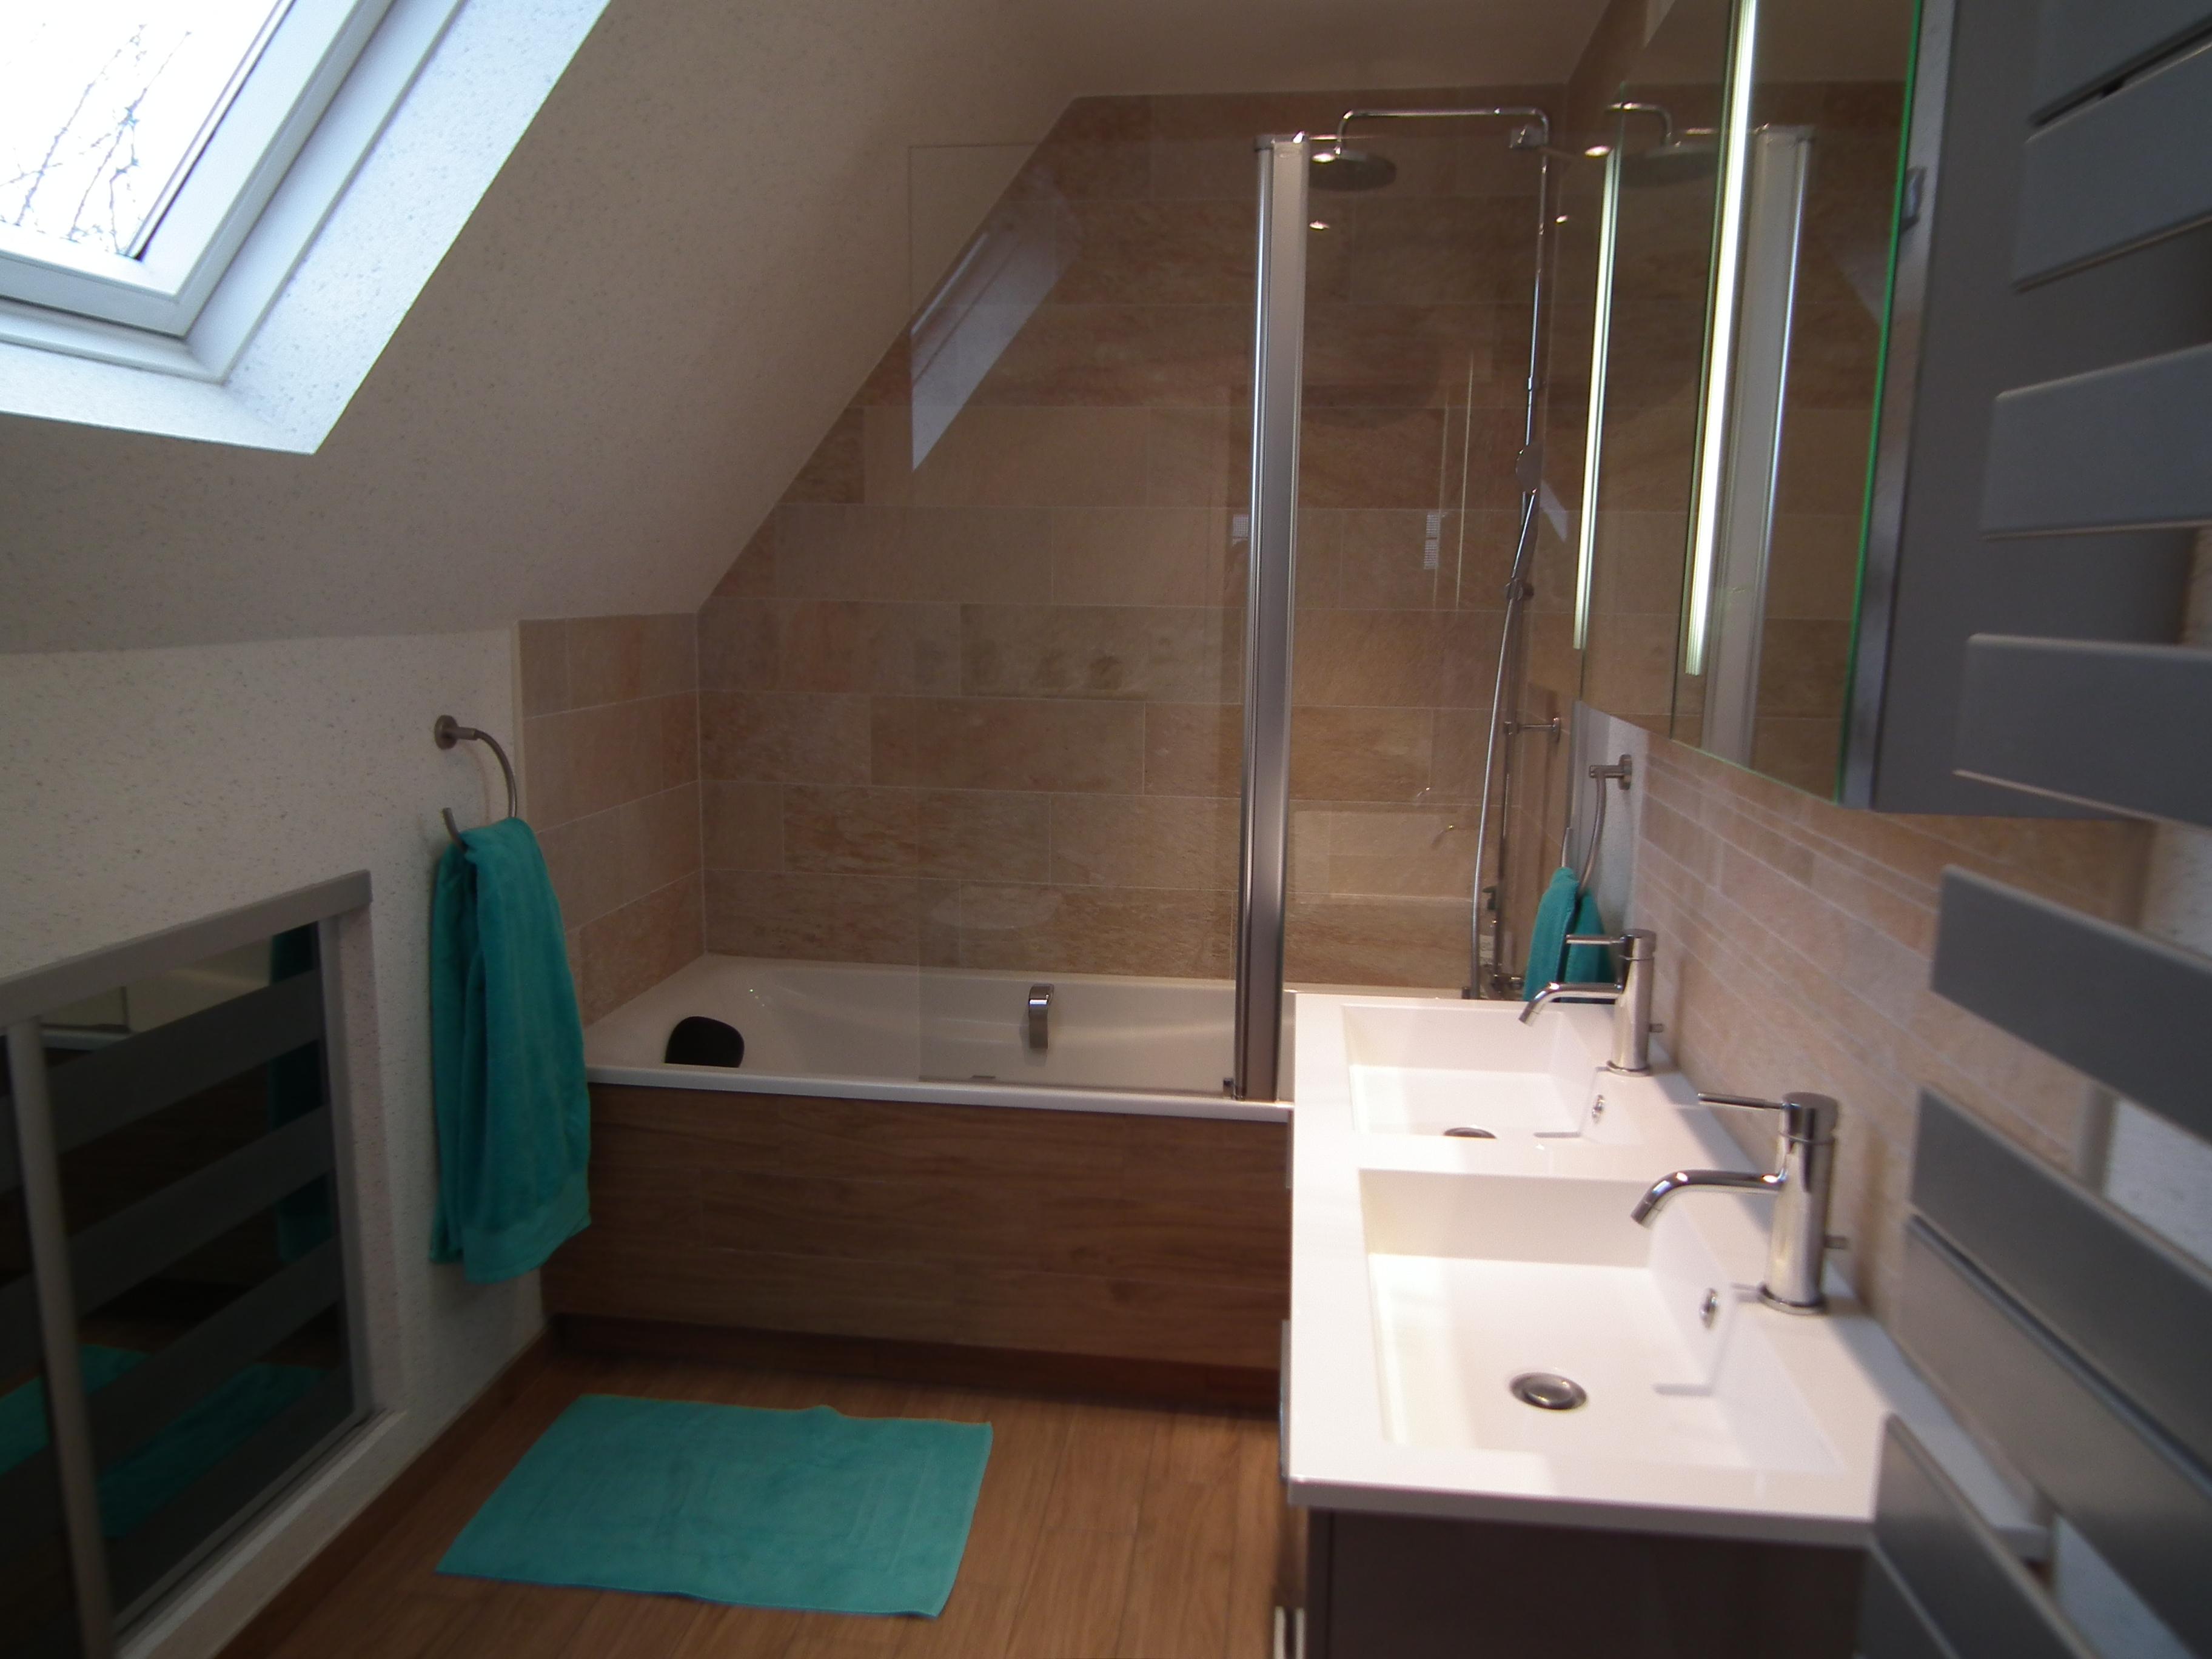 entreprise hanache actualit s. Black Bedroom Furniture Sets. Home Design Ideas